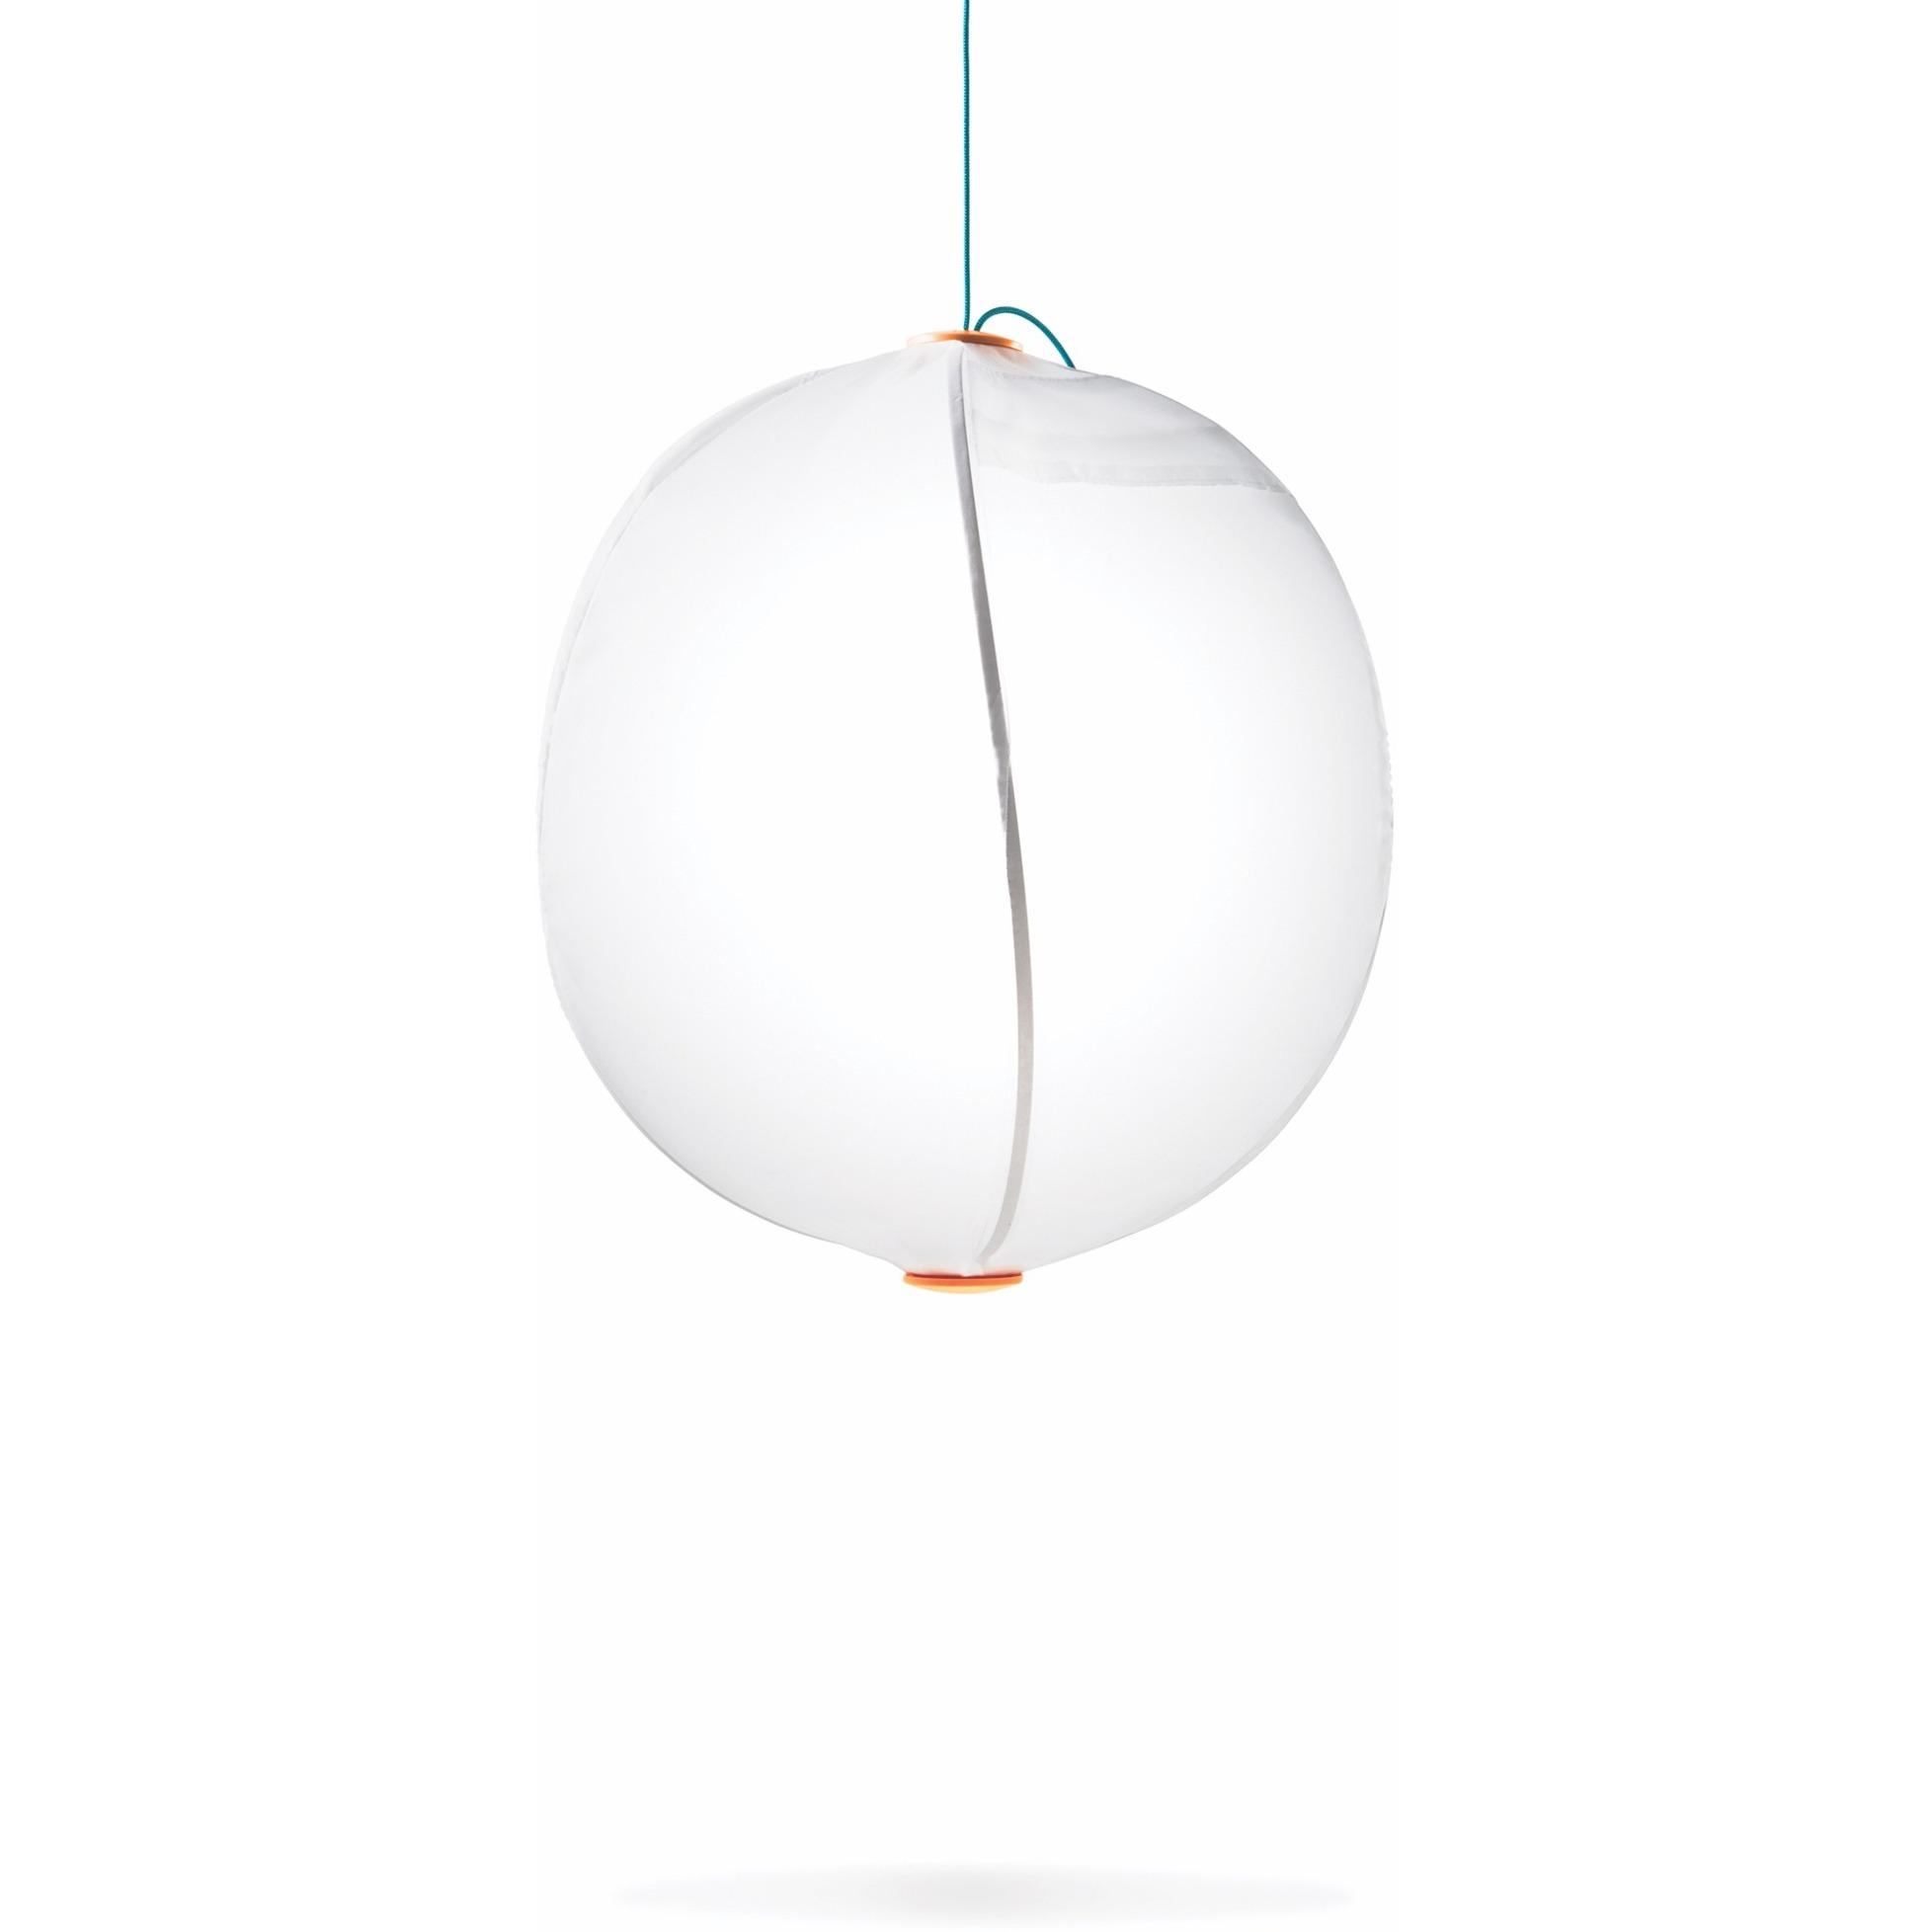 853290004483, Luz de LED